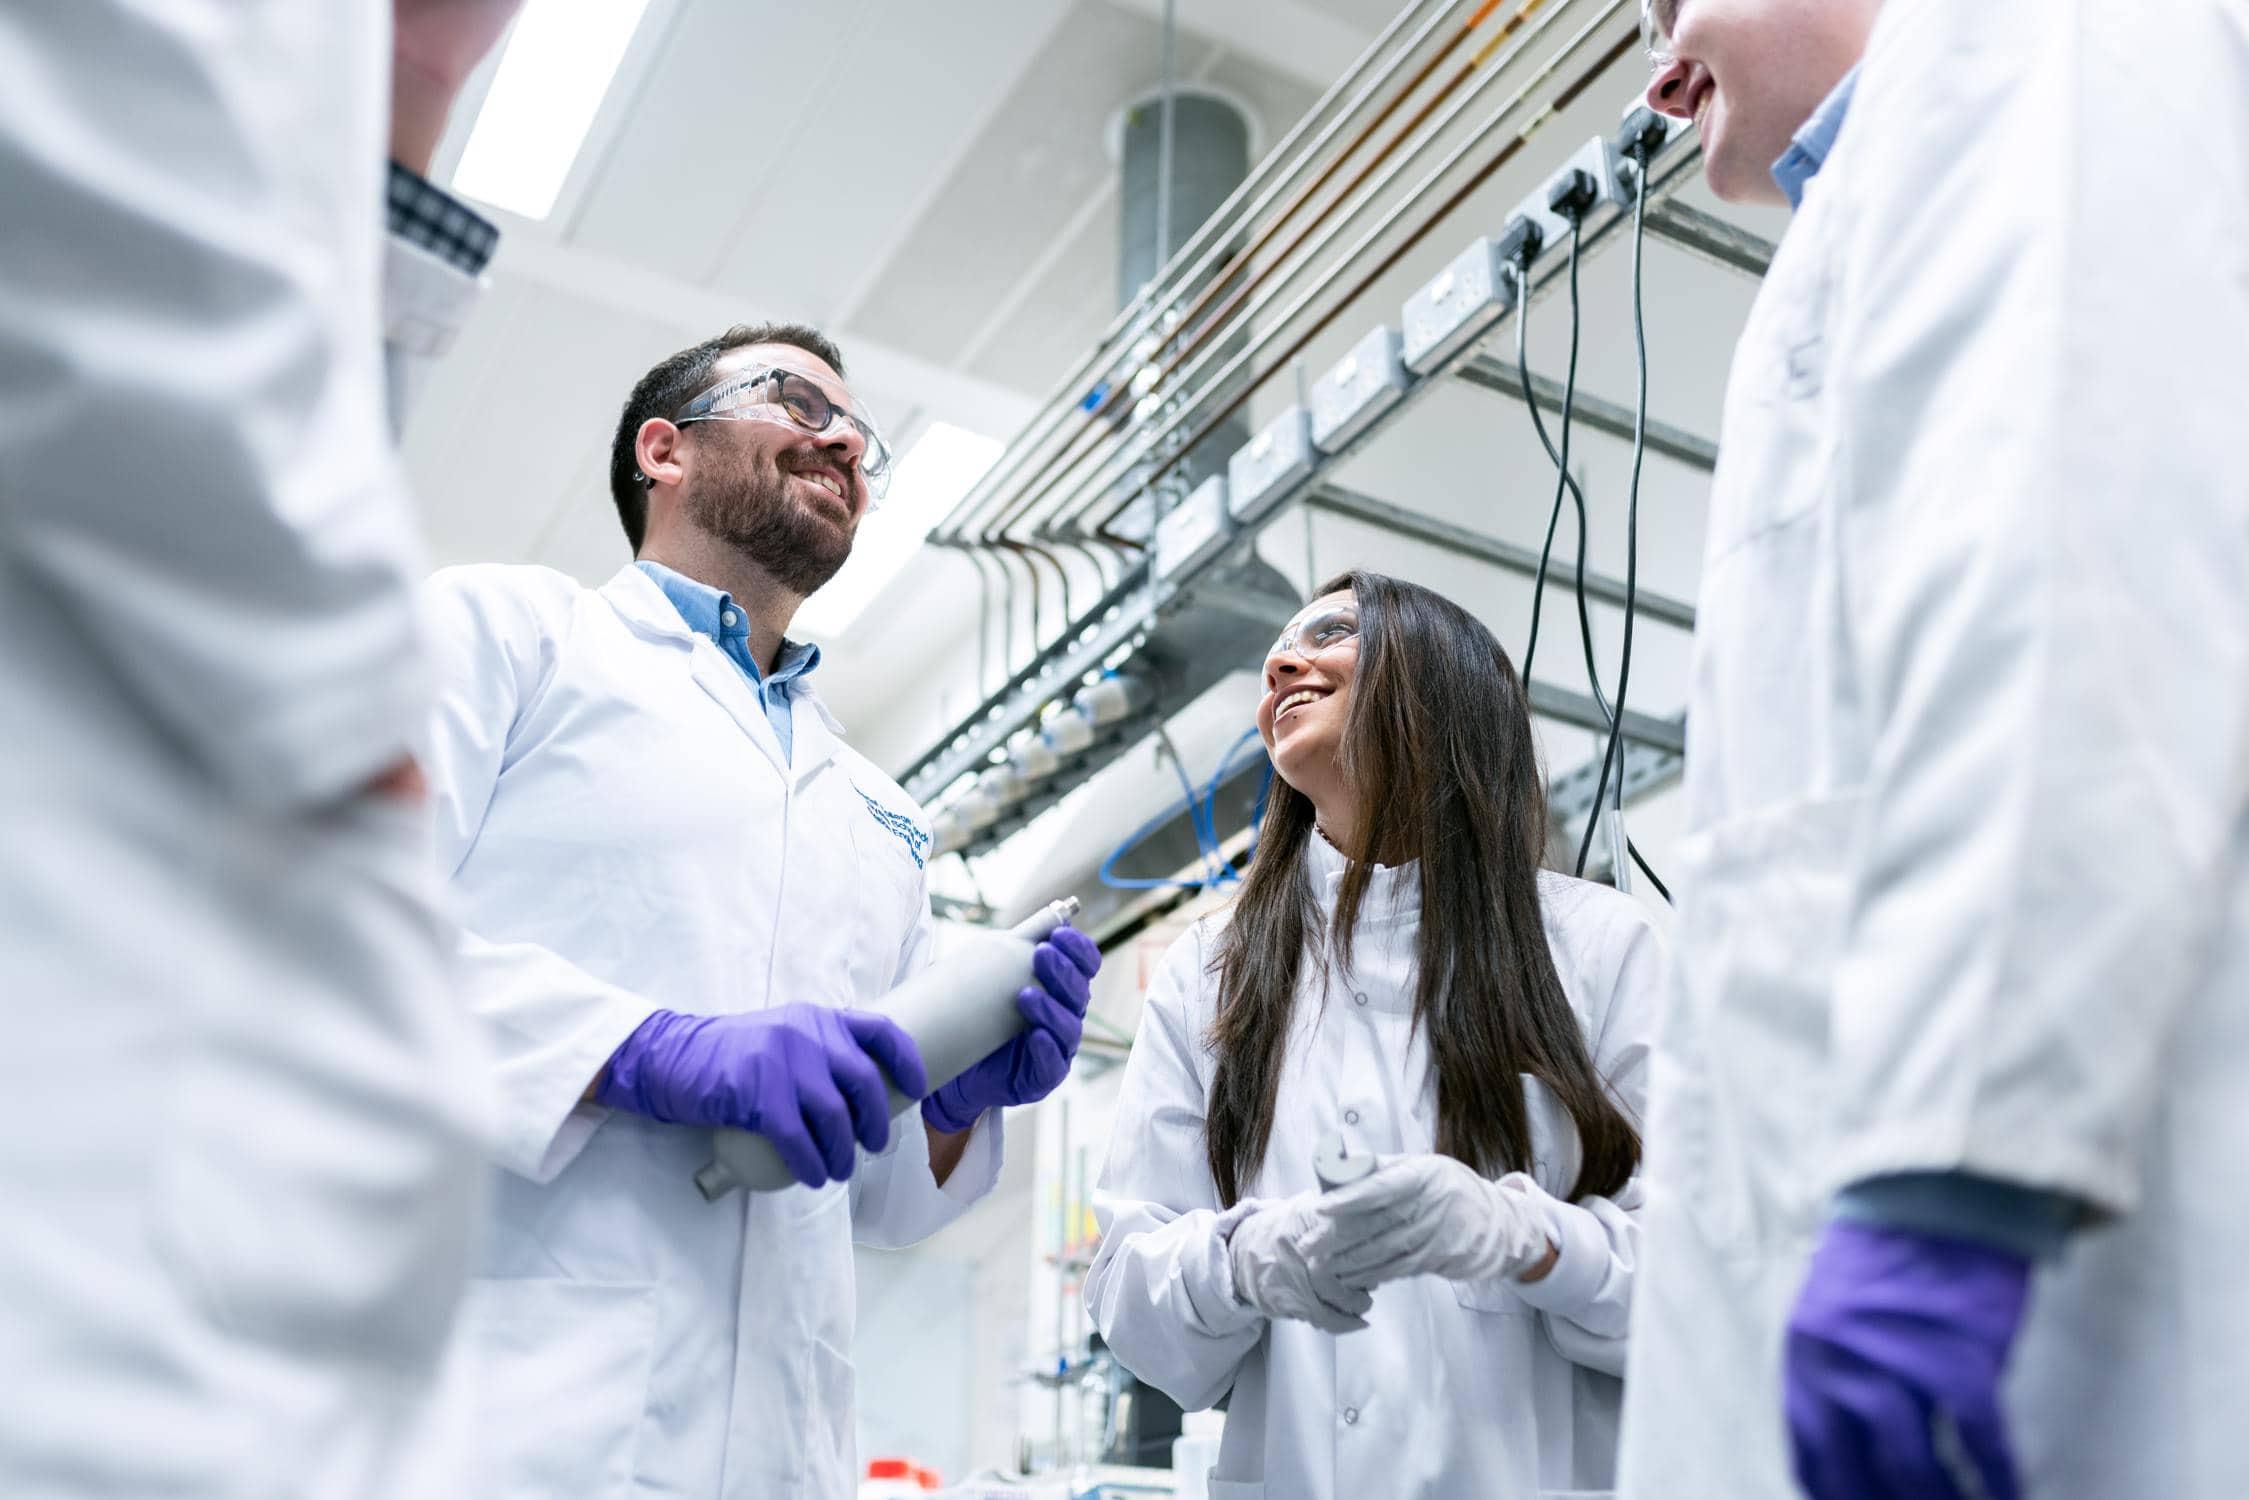 Junge Forscher*innen haben Lehre, HTL oder Studium abgeschlossen und besprechen ein Projekt